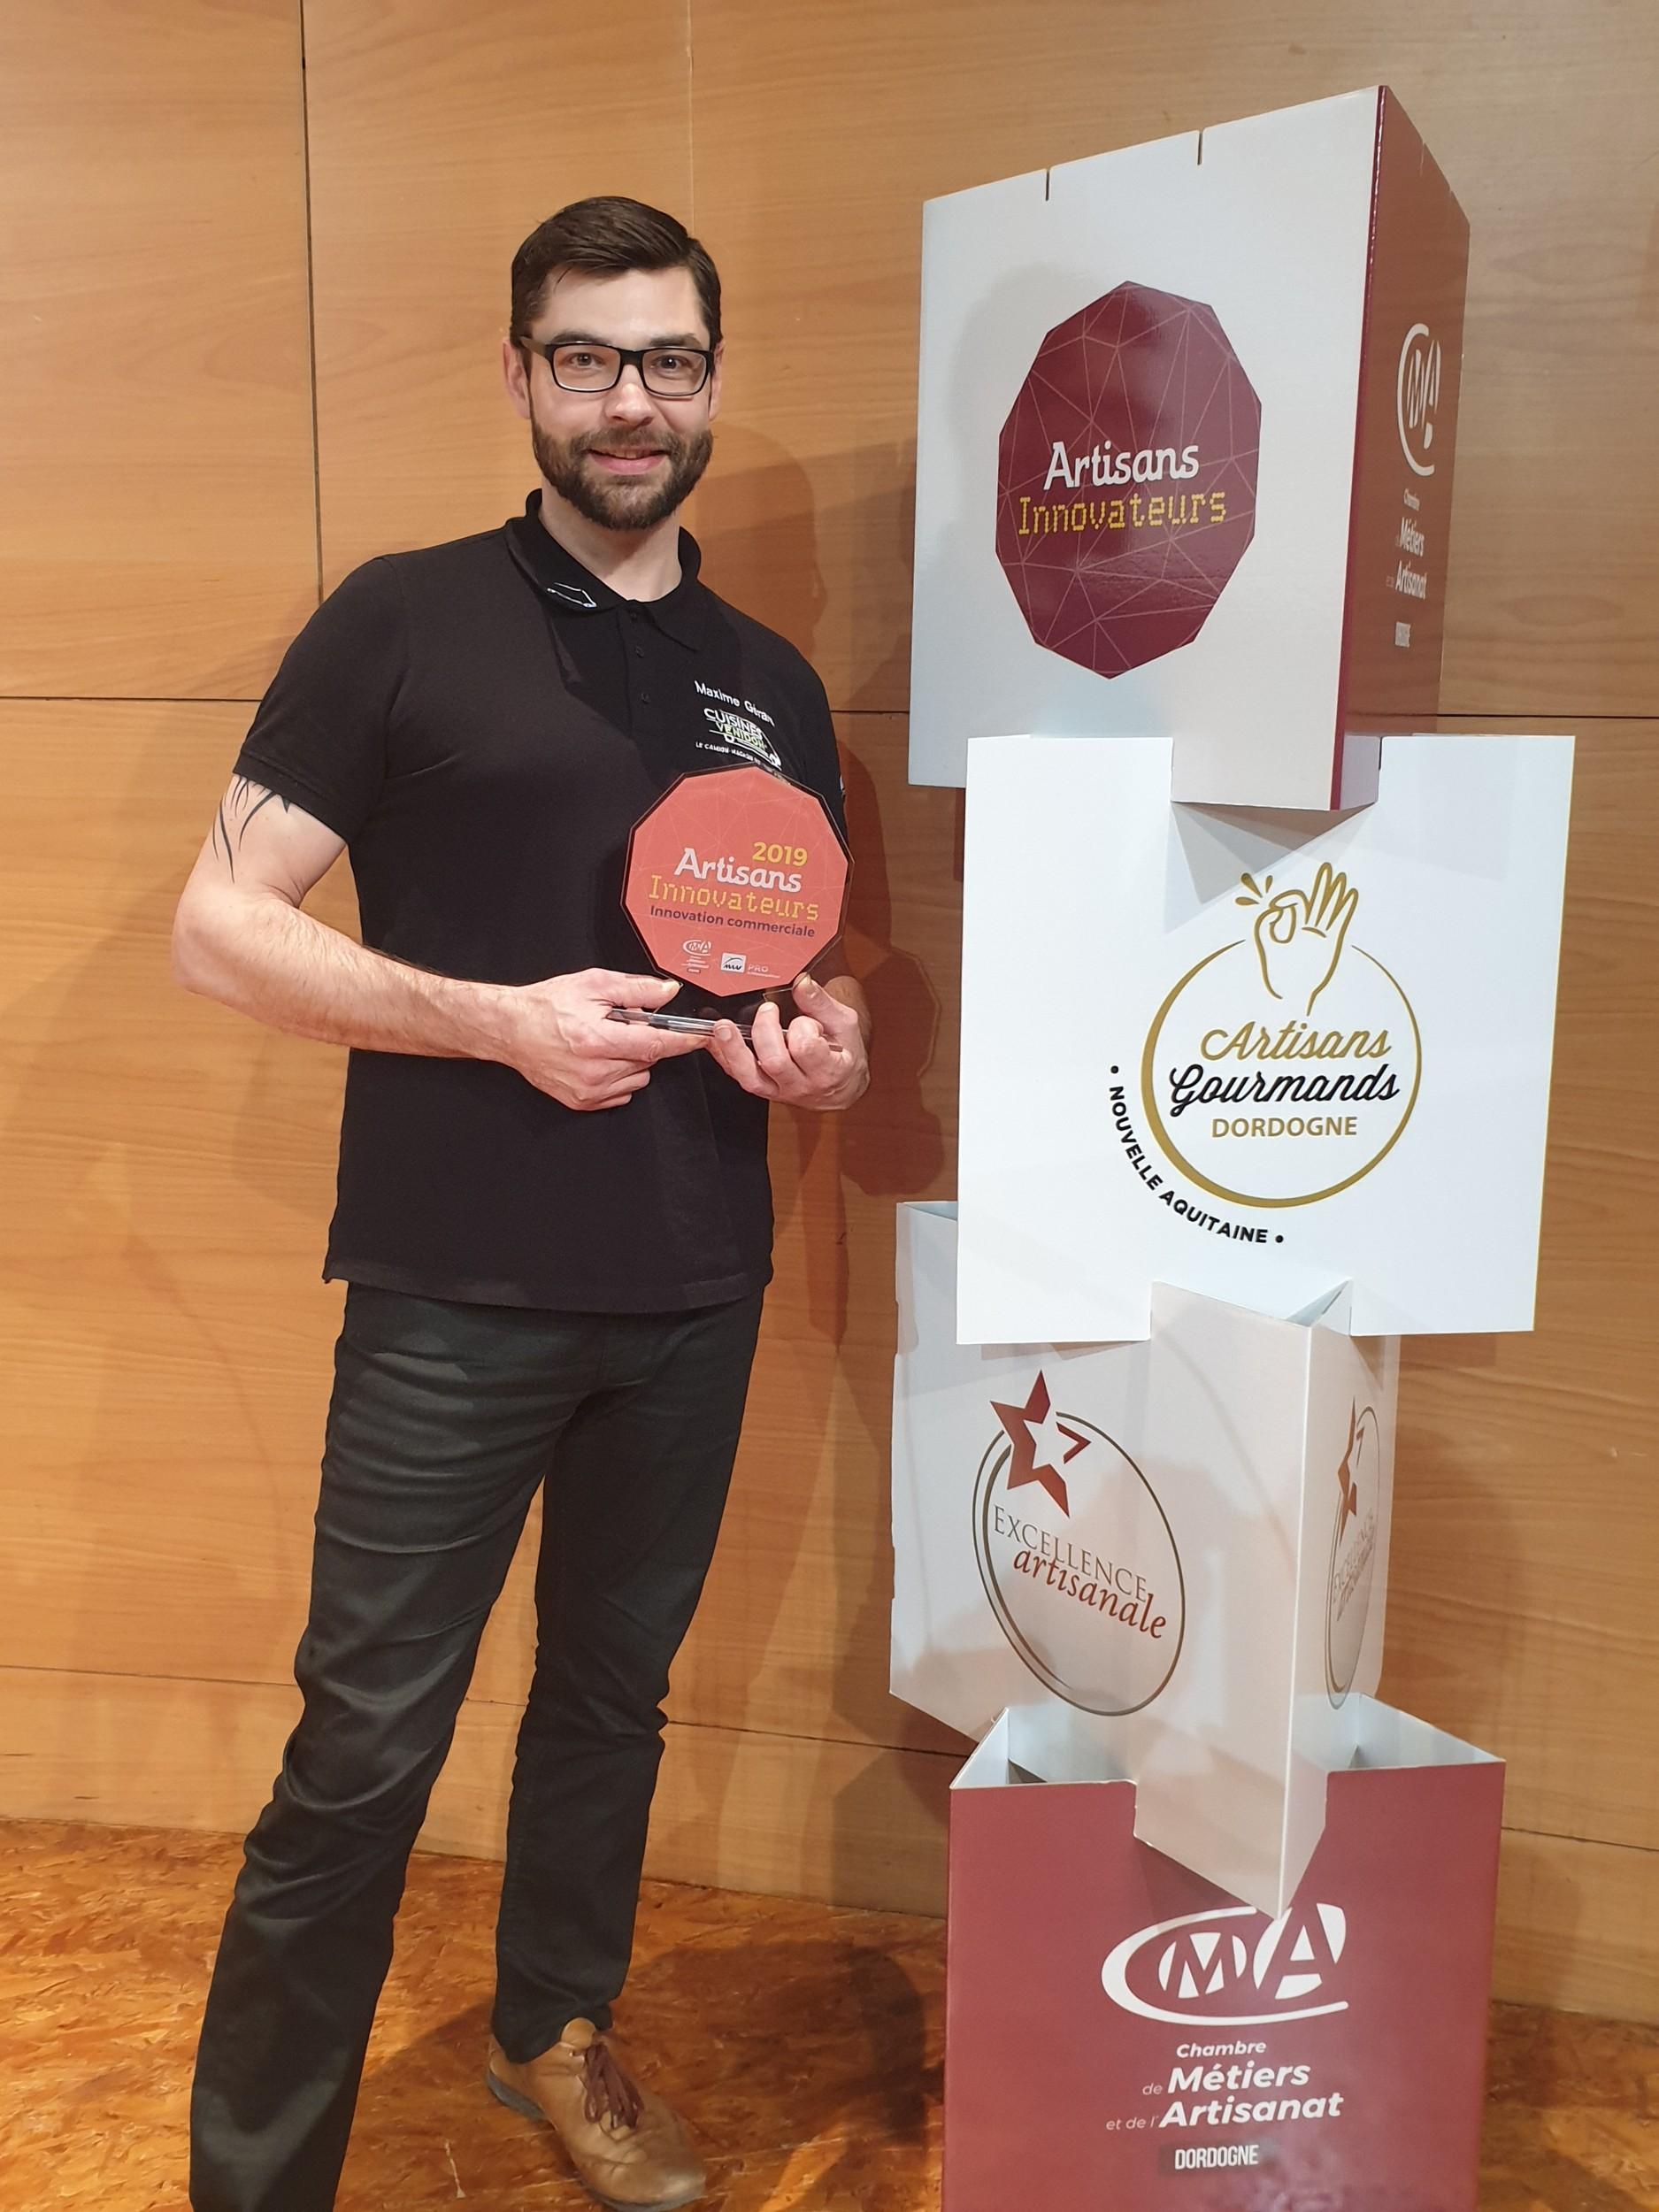 La franchise Cuisines Venidom remporte le trophée Artisans Innovateurs Dordogne